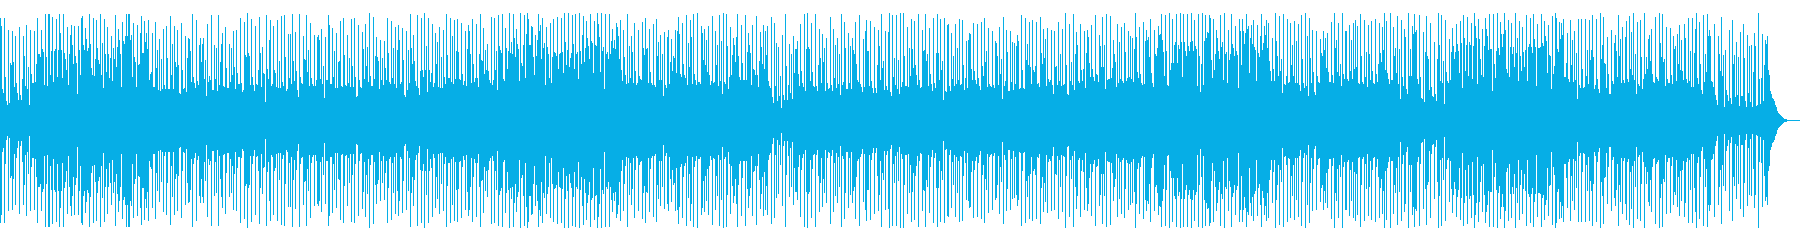 口笛が印象的な元気になれる作品の再生済みの波形